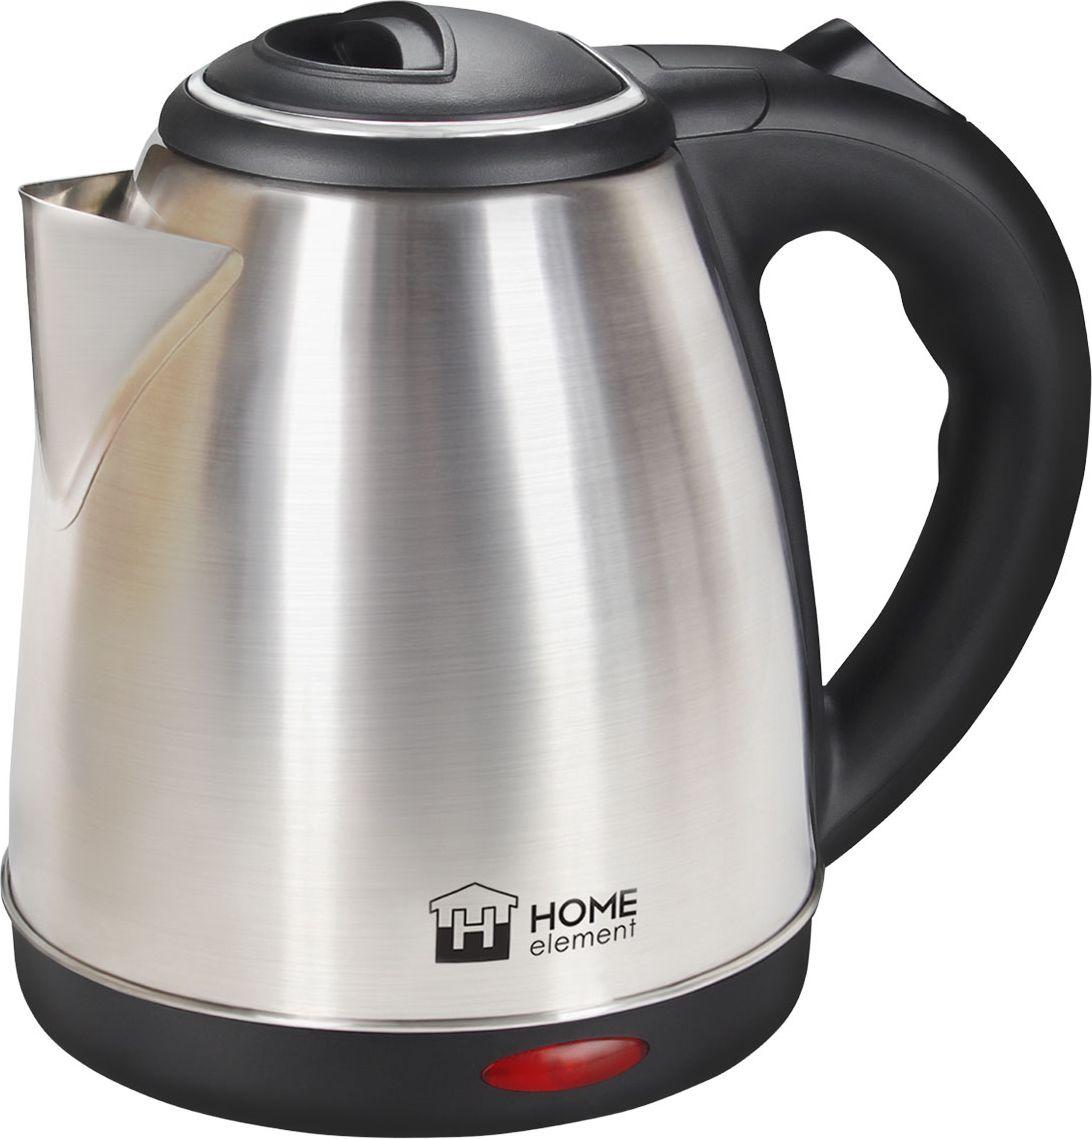 Home Element HE-KT179, Black чайник электрический